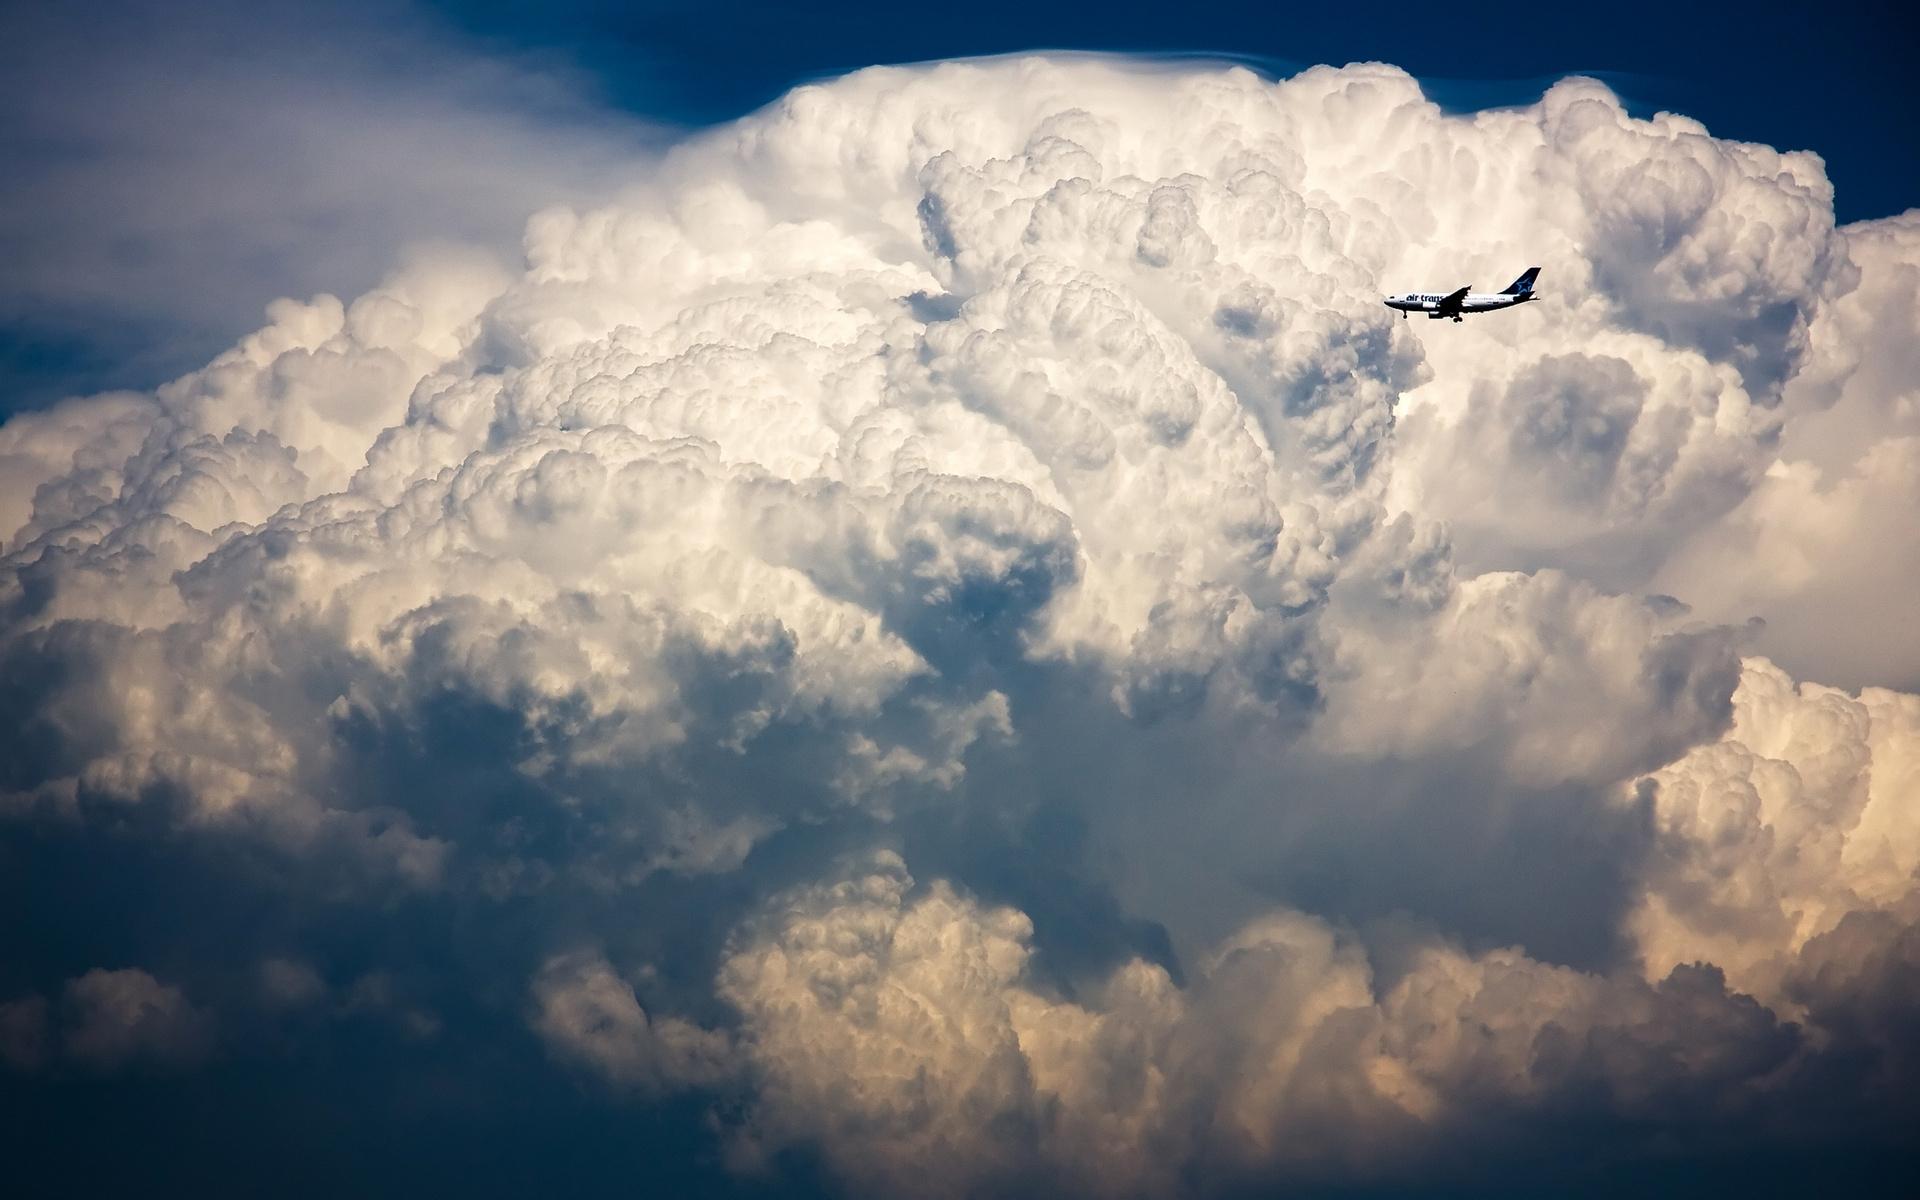 Скачать картинку Транспорт, Пейзаж, Облака, Самолеты в телефон бесплатно.